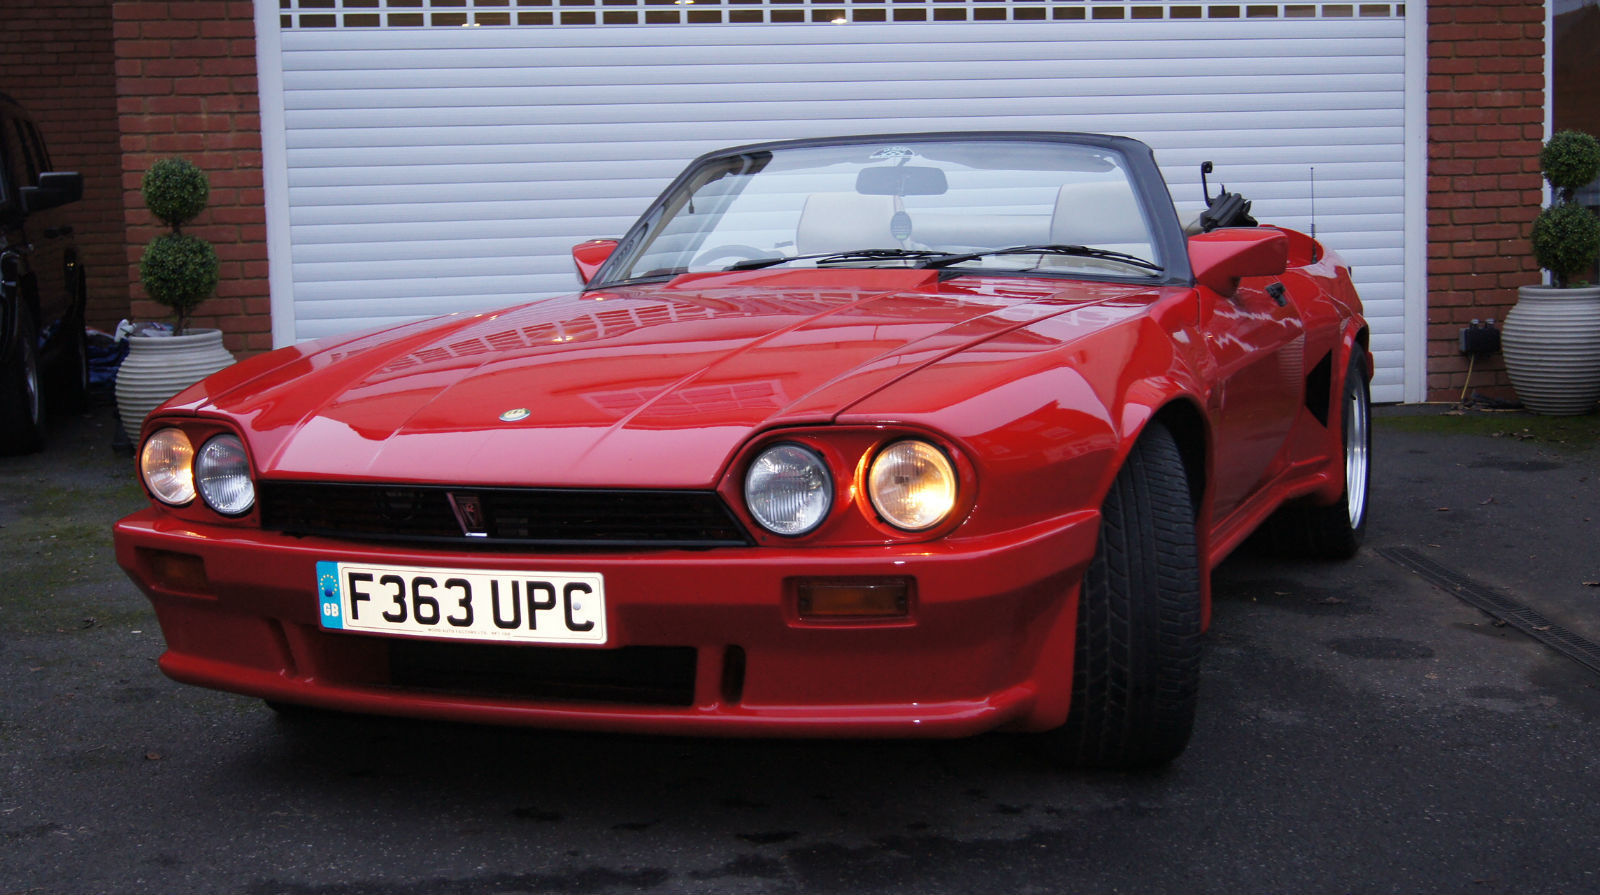 1989 Jaguar Xjs Lister Convertible For Sale